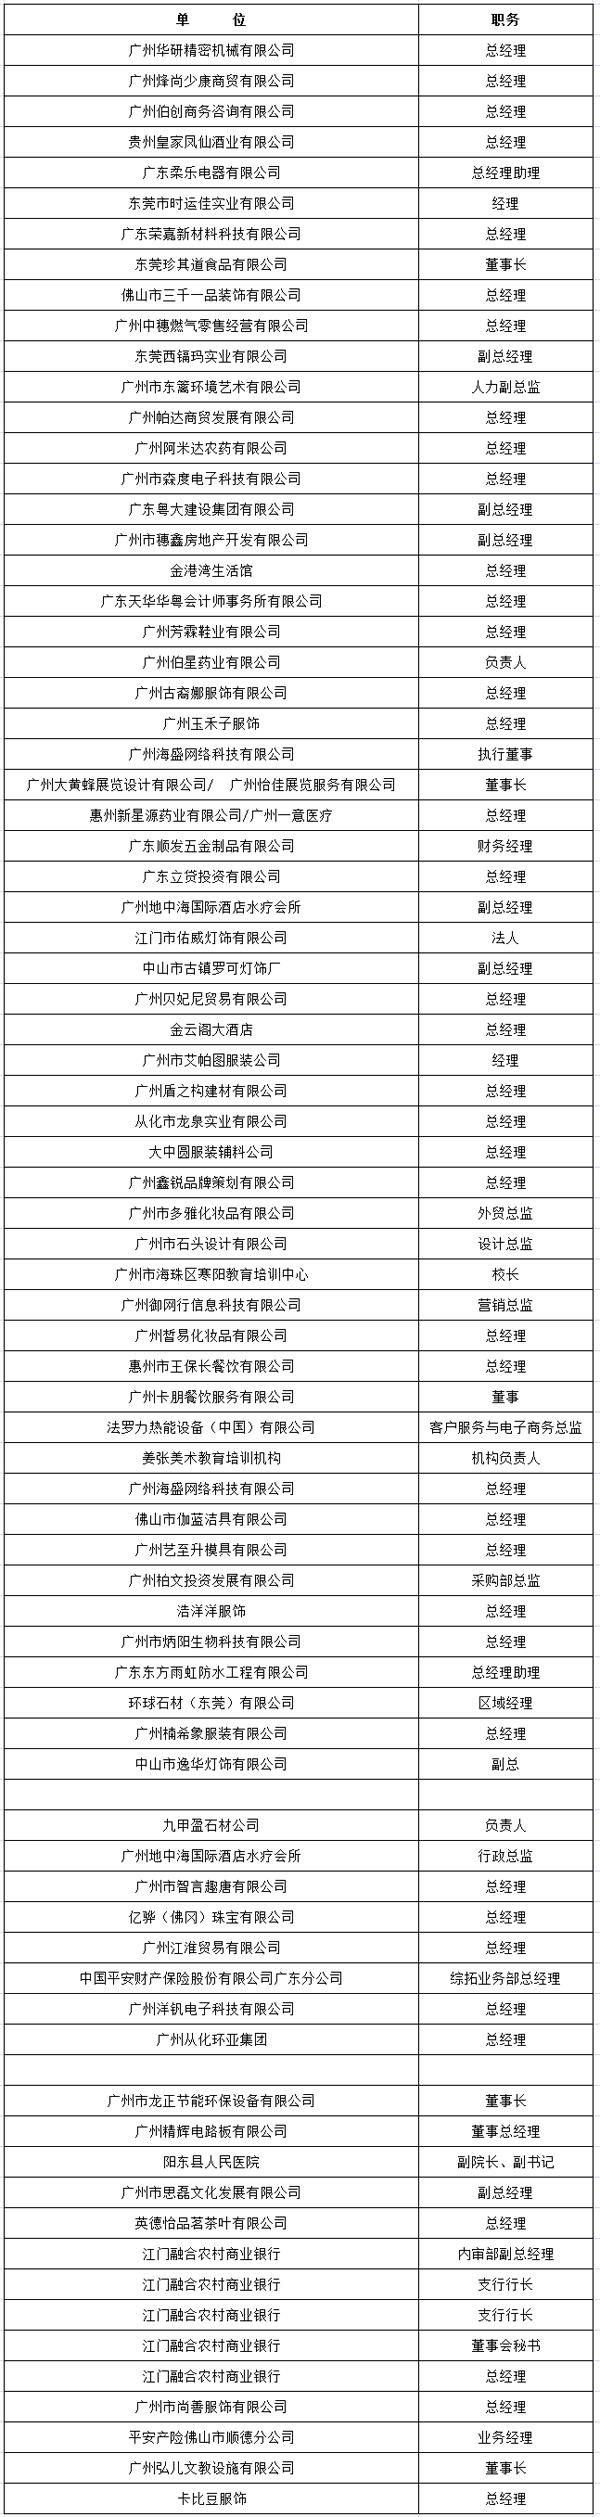 中山大学时代华商教育中心总裁高级工商管理高级研修班精要课程研修班三十三班学员名录册